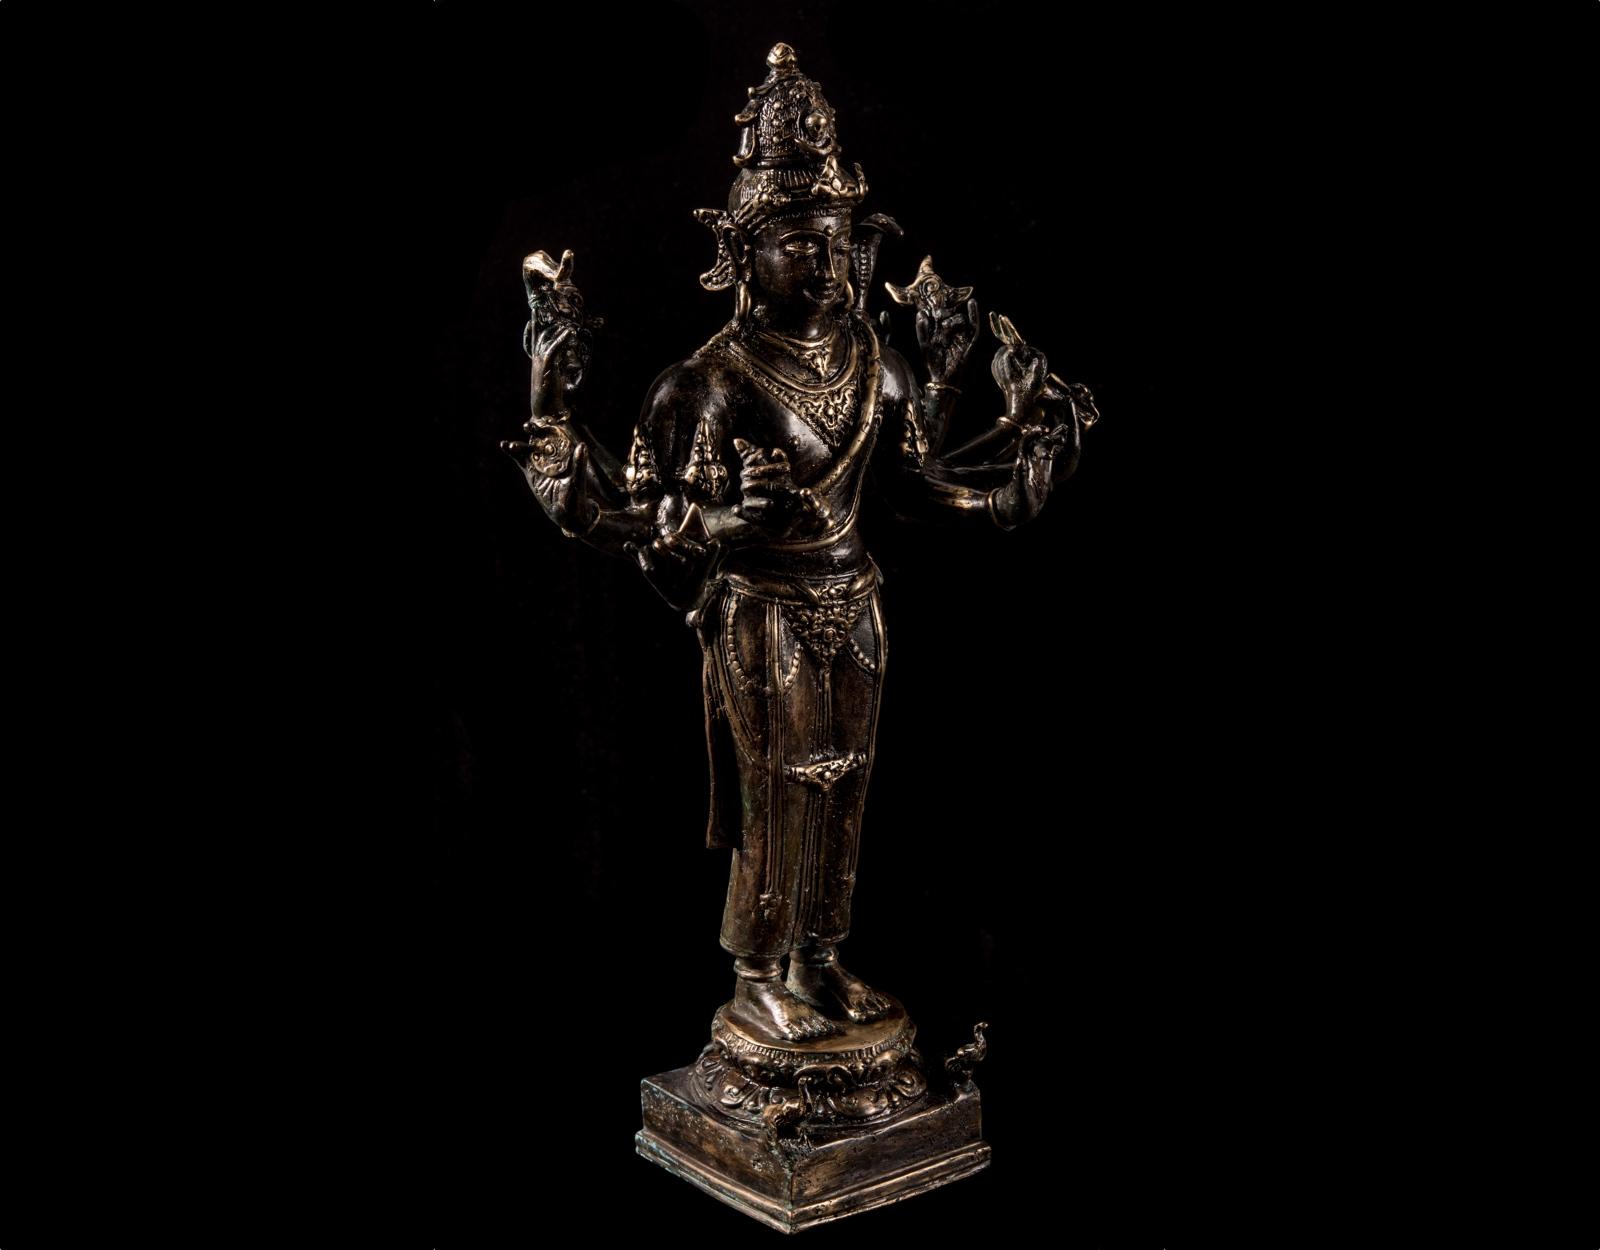 Бронзовая статуя Шива в медитации, 37см. фото VipKeris